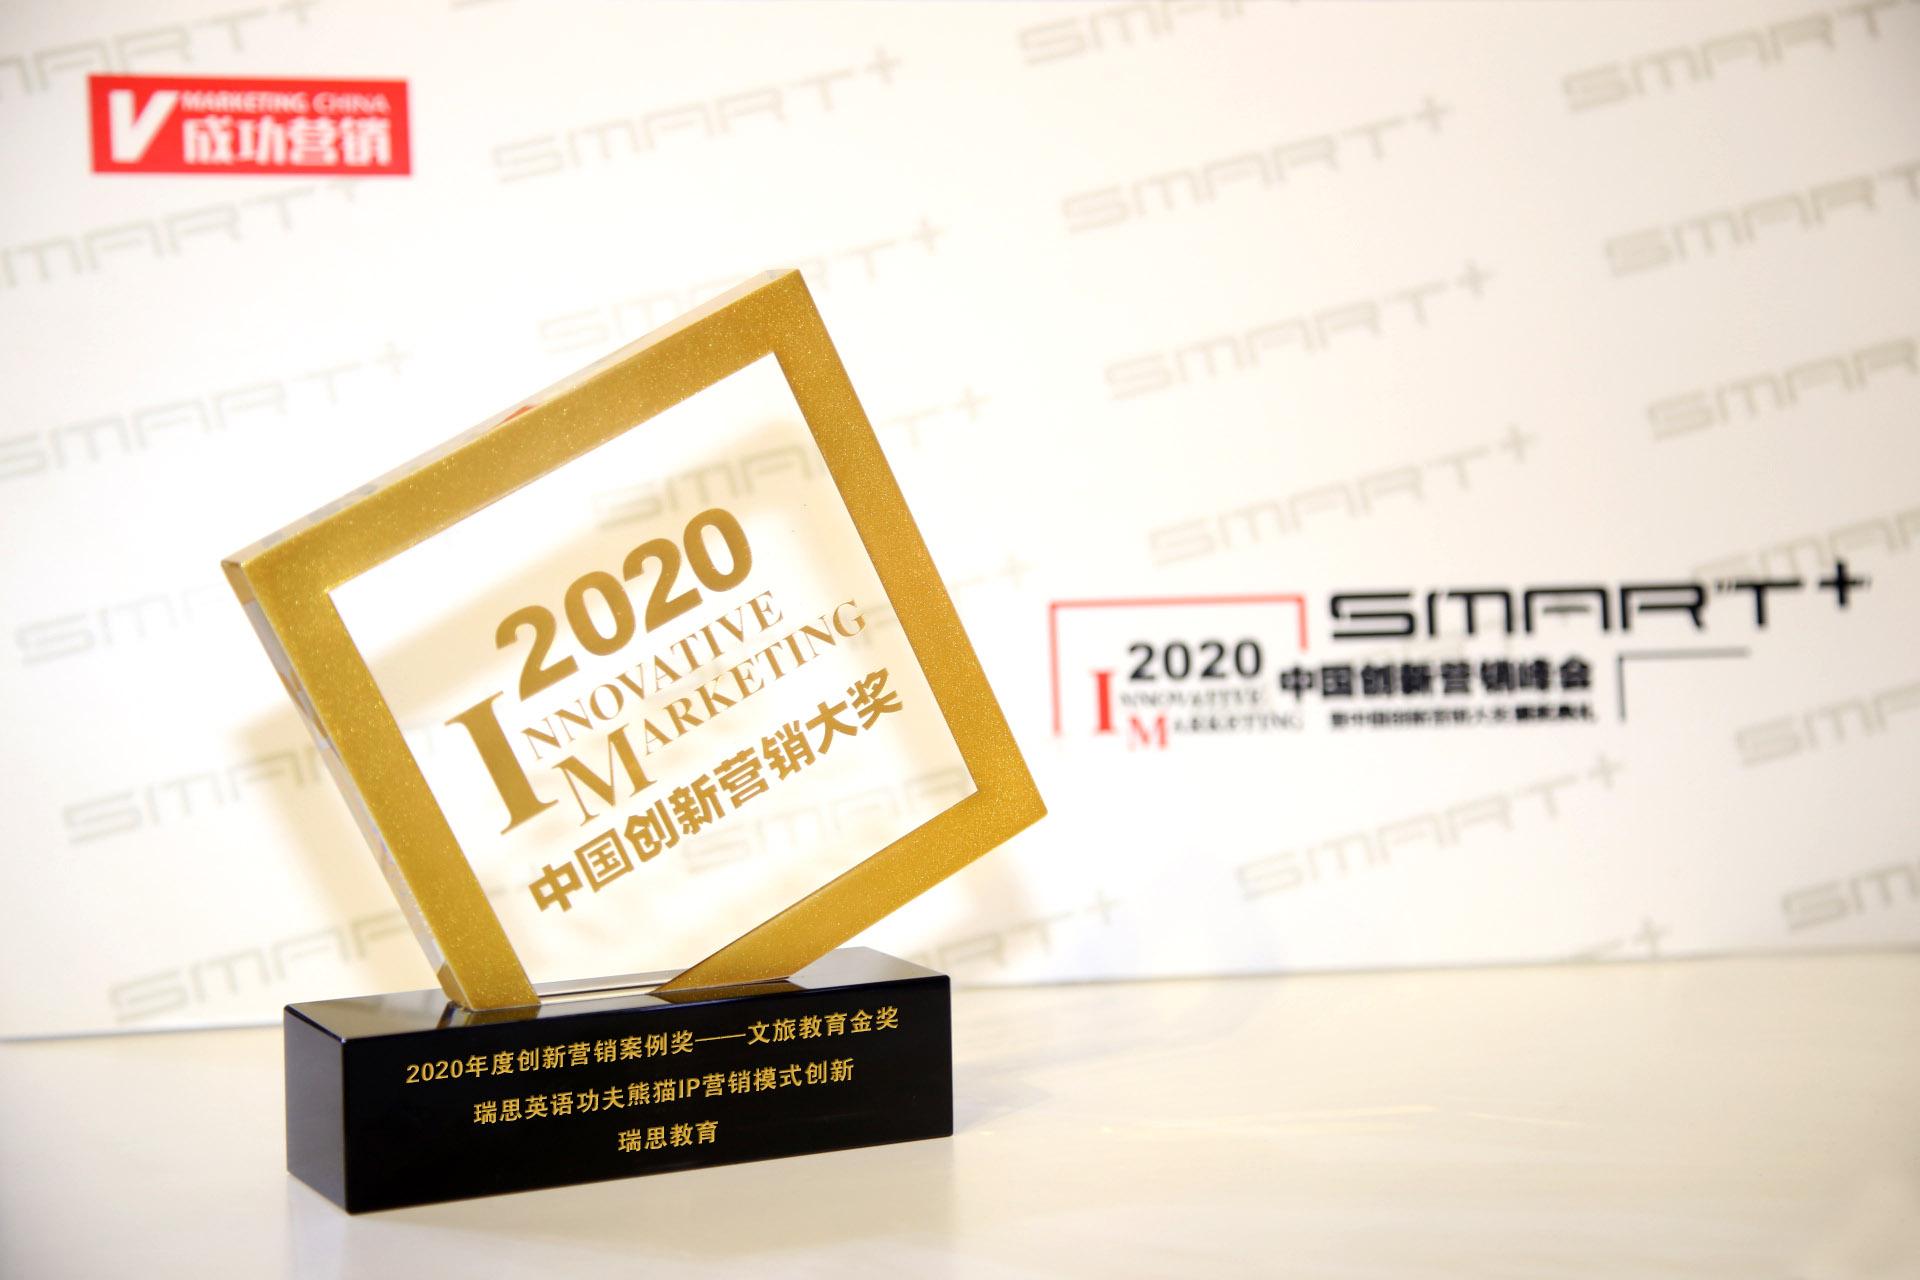 携手功夫熊猫探索IP营销创新,瑞思教育荣获2020年度营销金奖